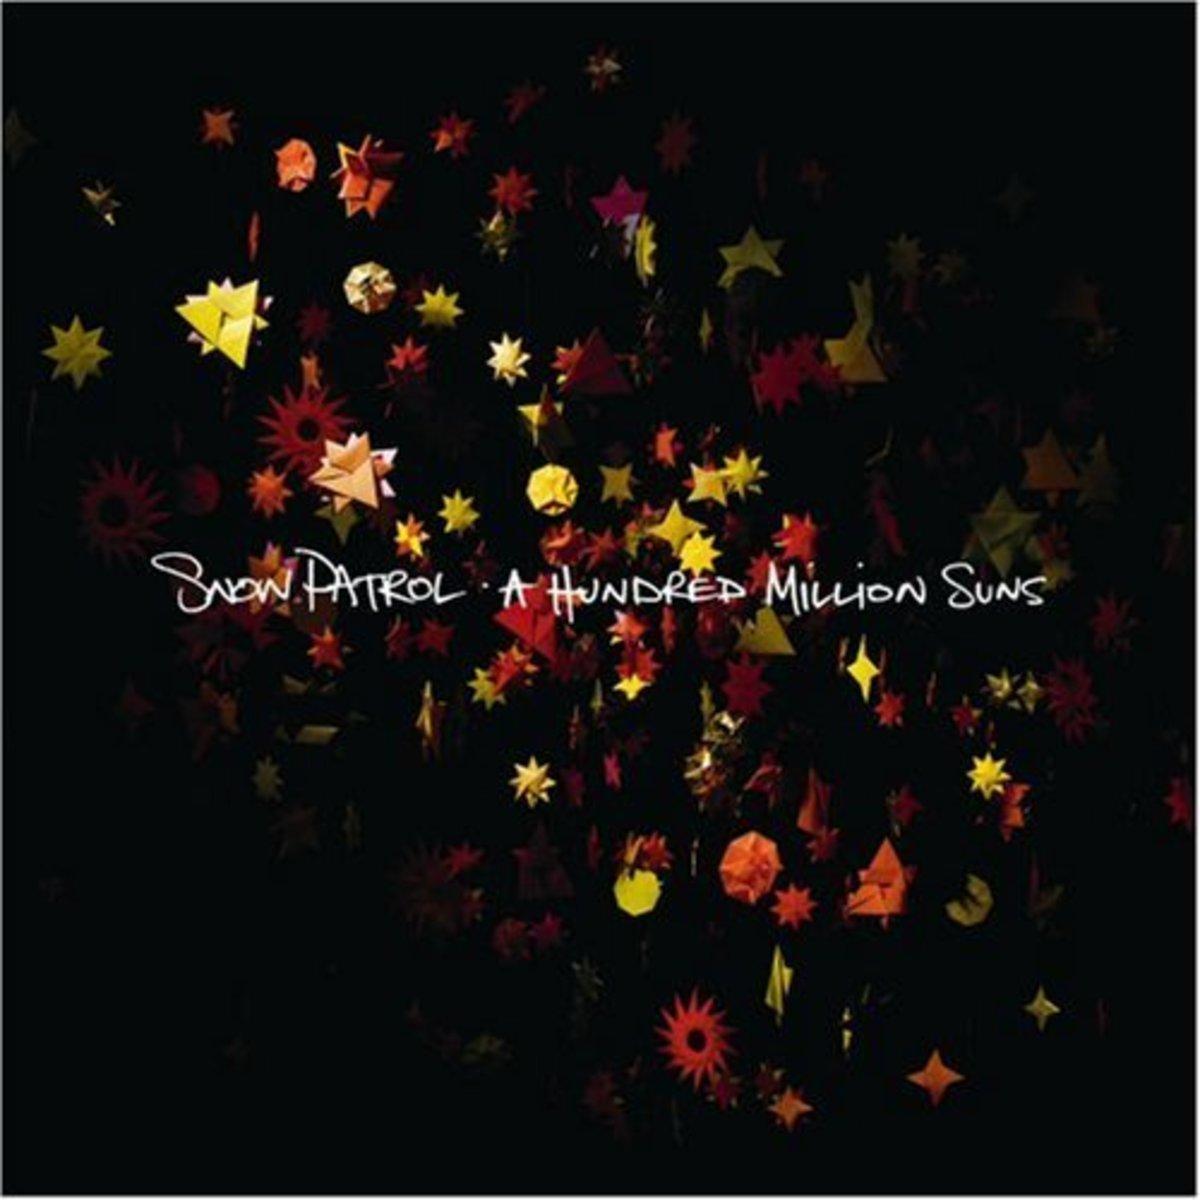 The Top 10 Best Songs by Snow Patrol